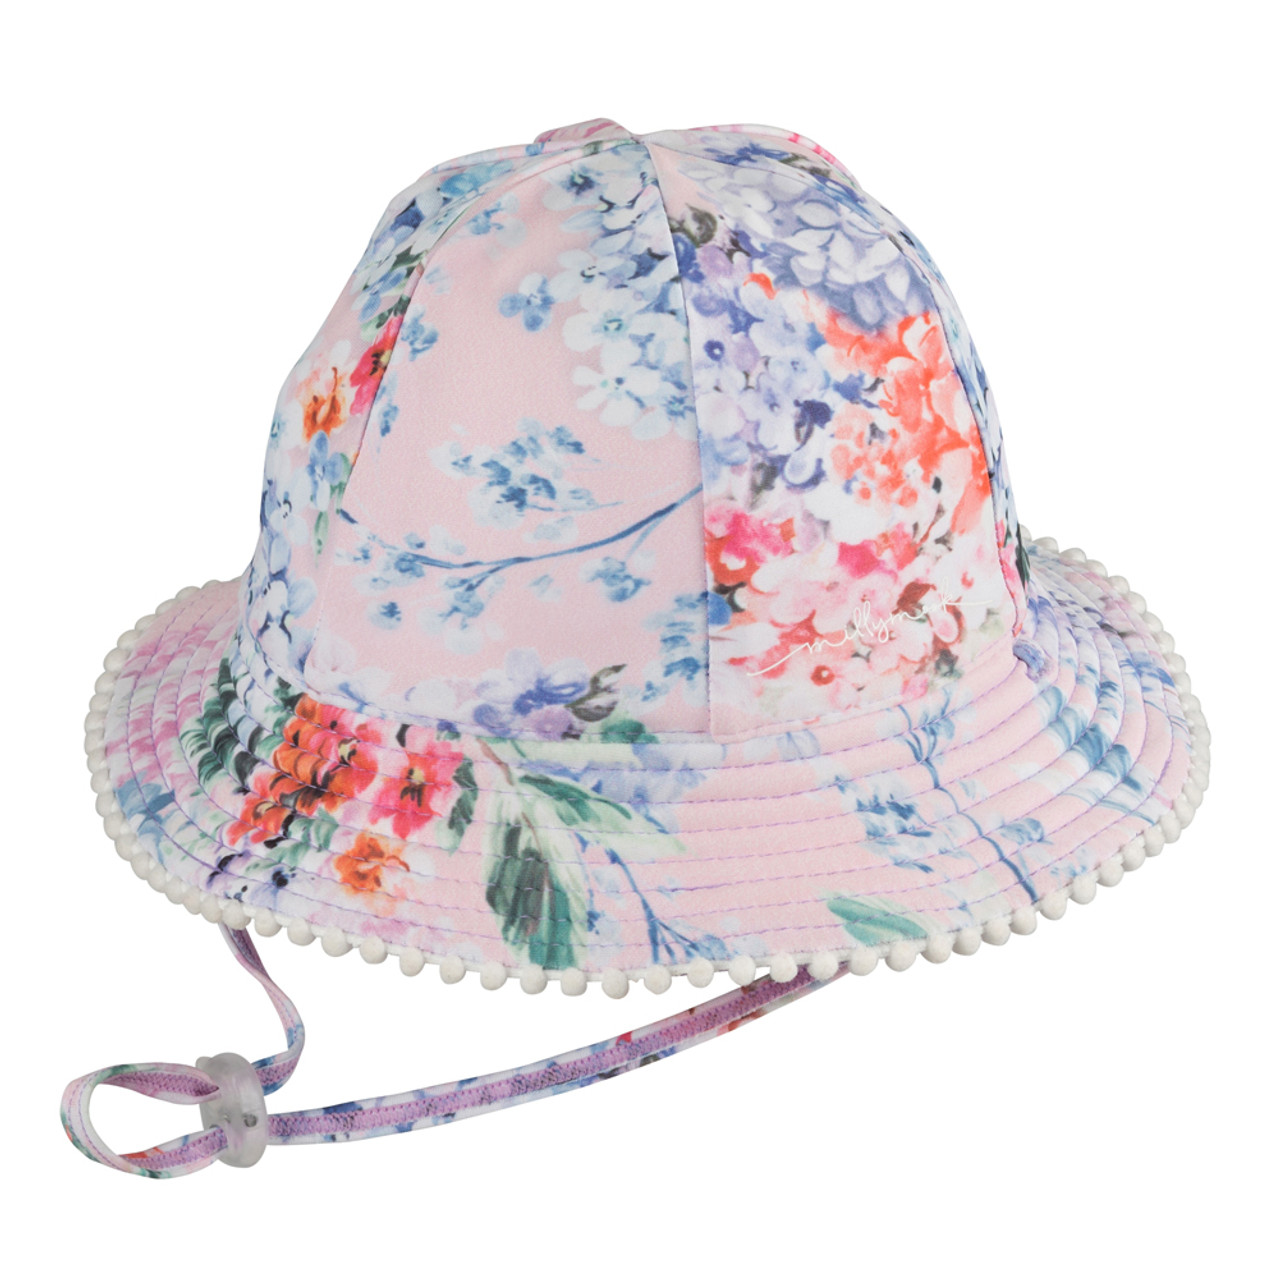 Milly Mook Summery Girls Floppy Hat - Coco (LG) - Dear-Born Baby feb5f1a4122